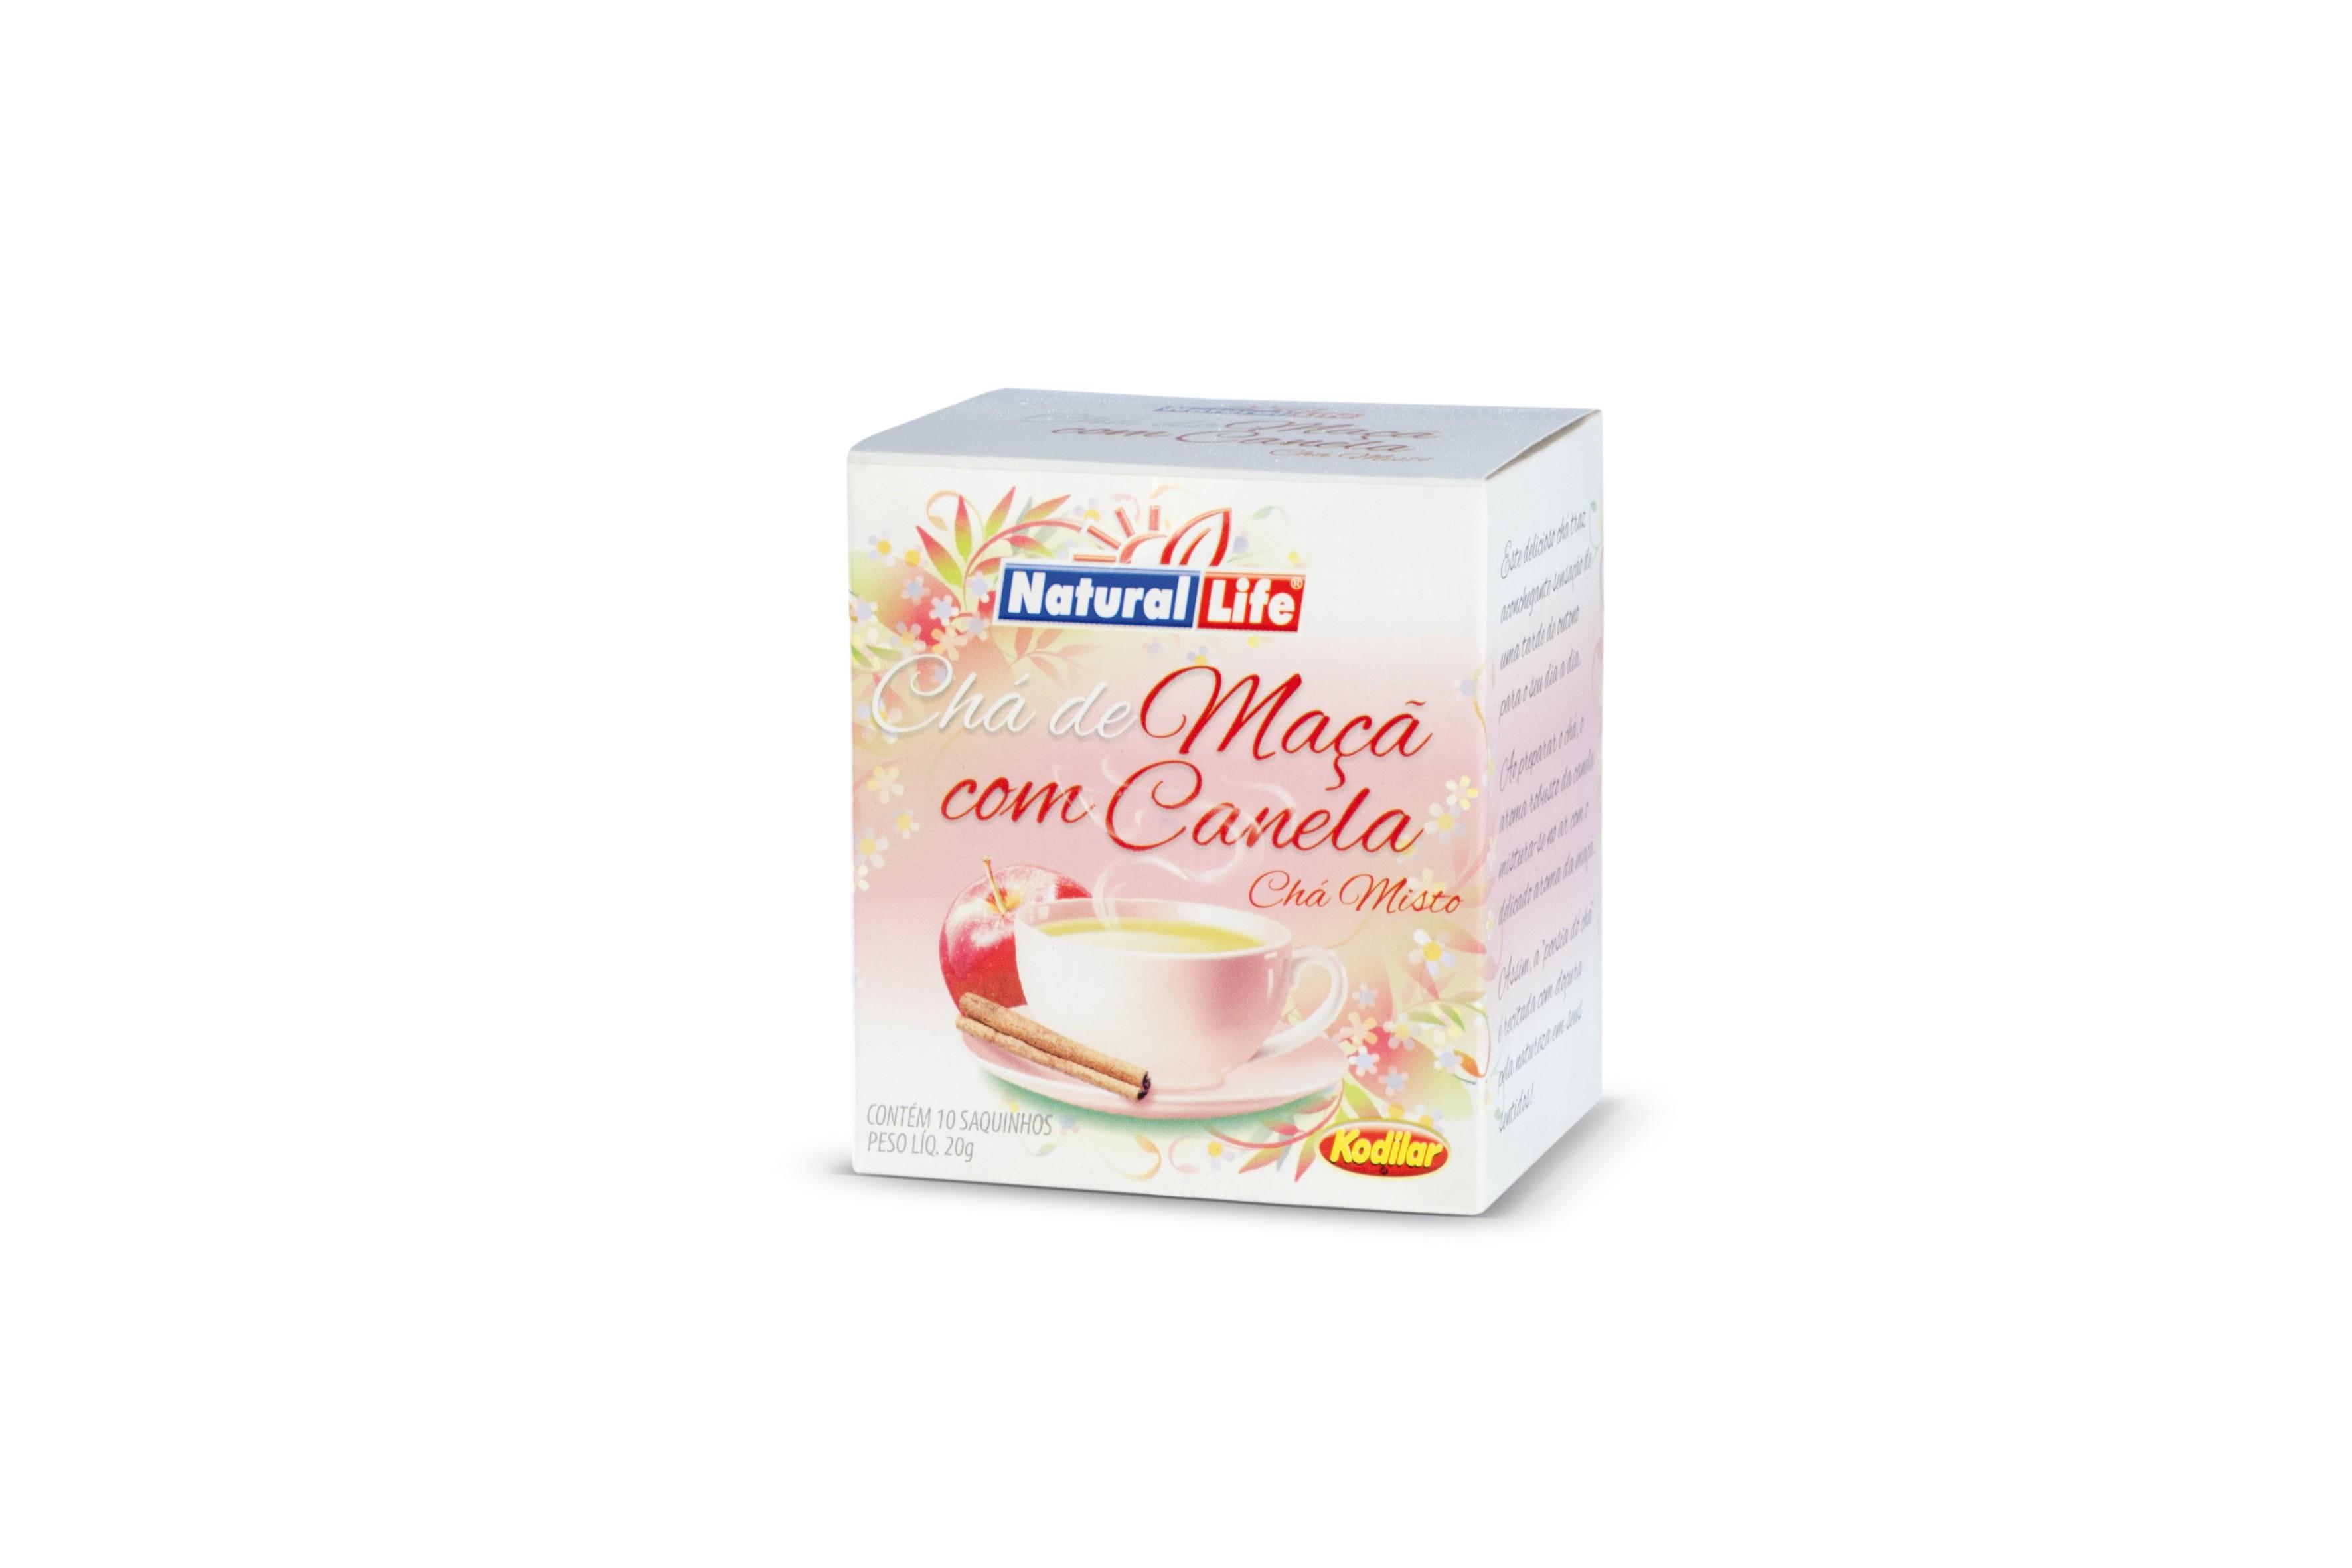 Chá de Maça c/ Canela (10 Sachês) Natural Life